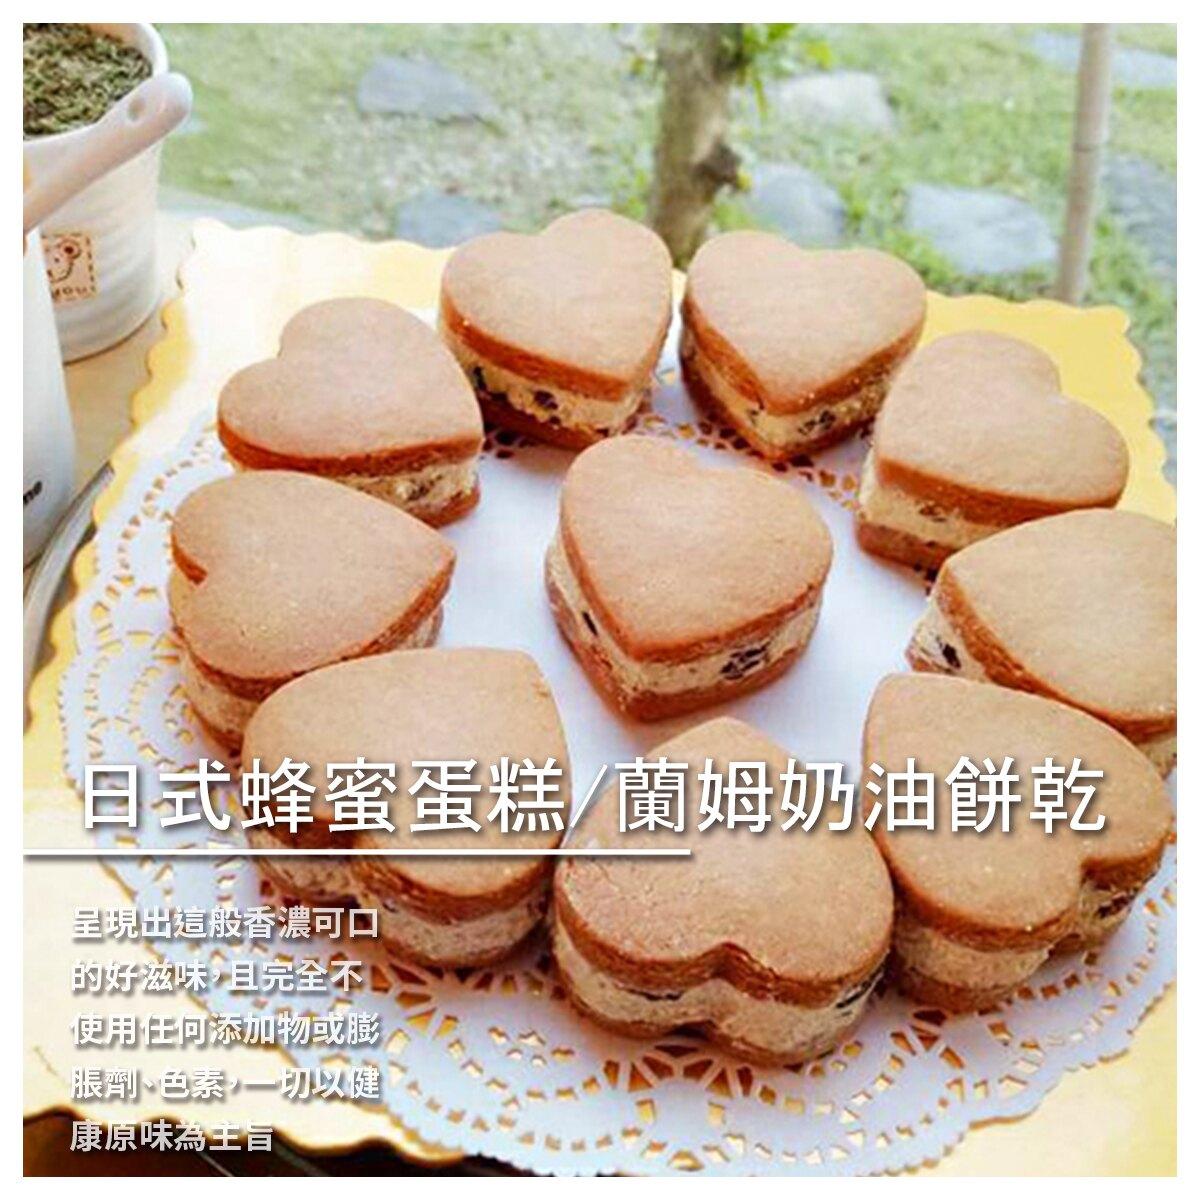 【永安61生態農場】4盒日式蜂蜜蛋糕+2盒蘭姆奶油夾心餅乾